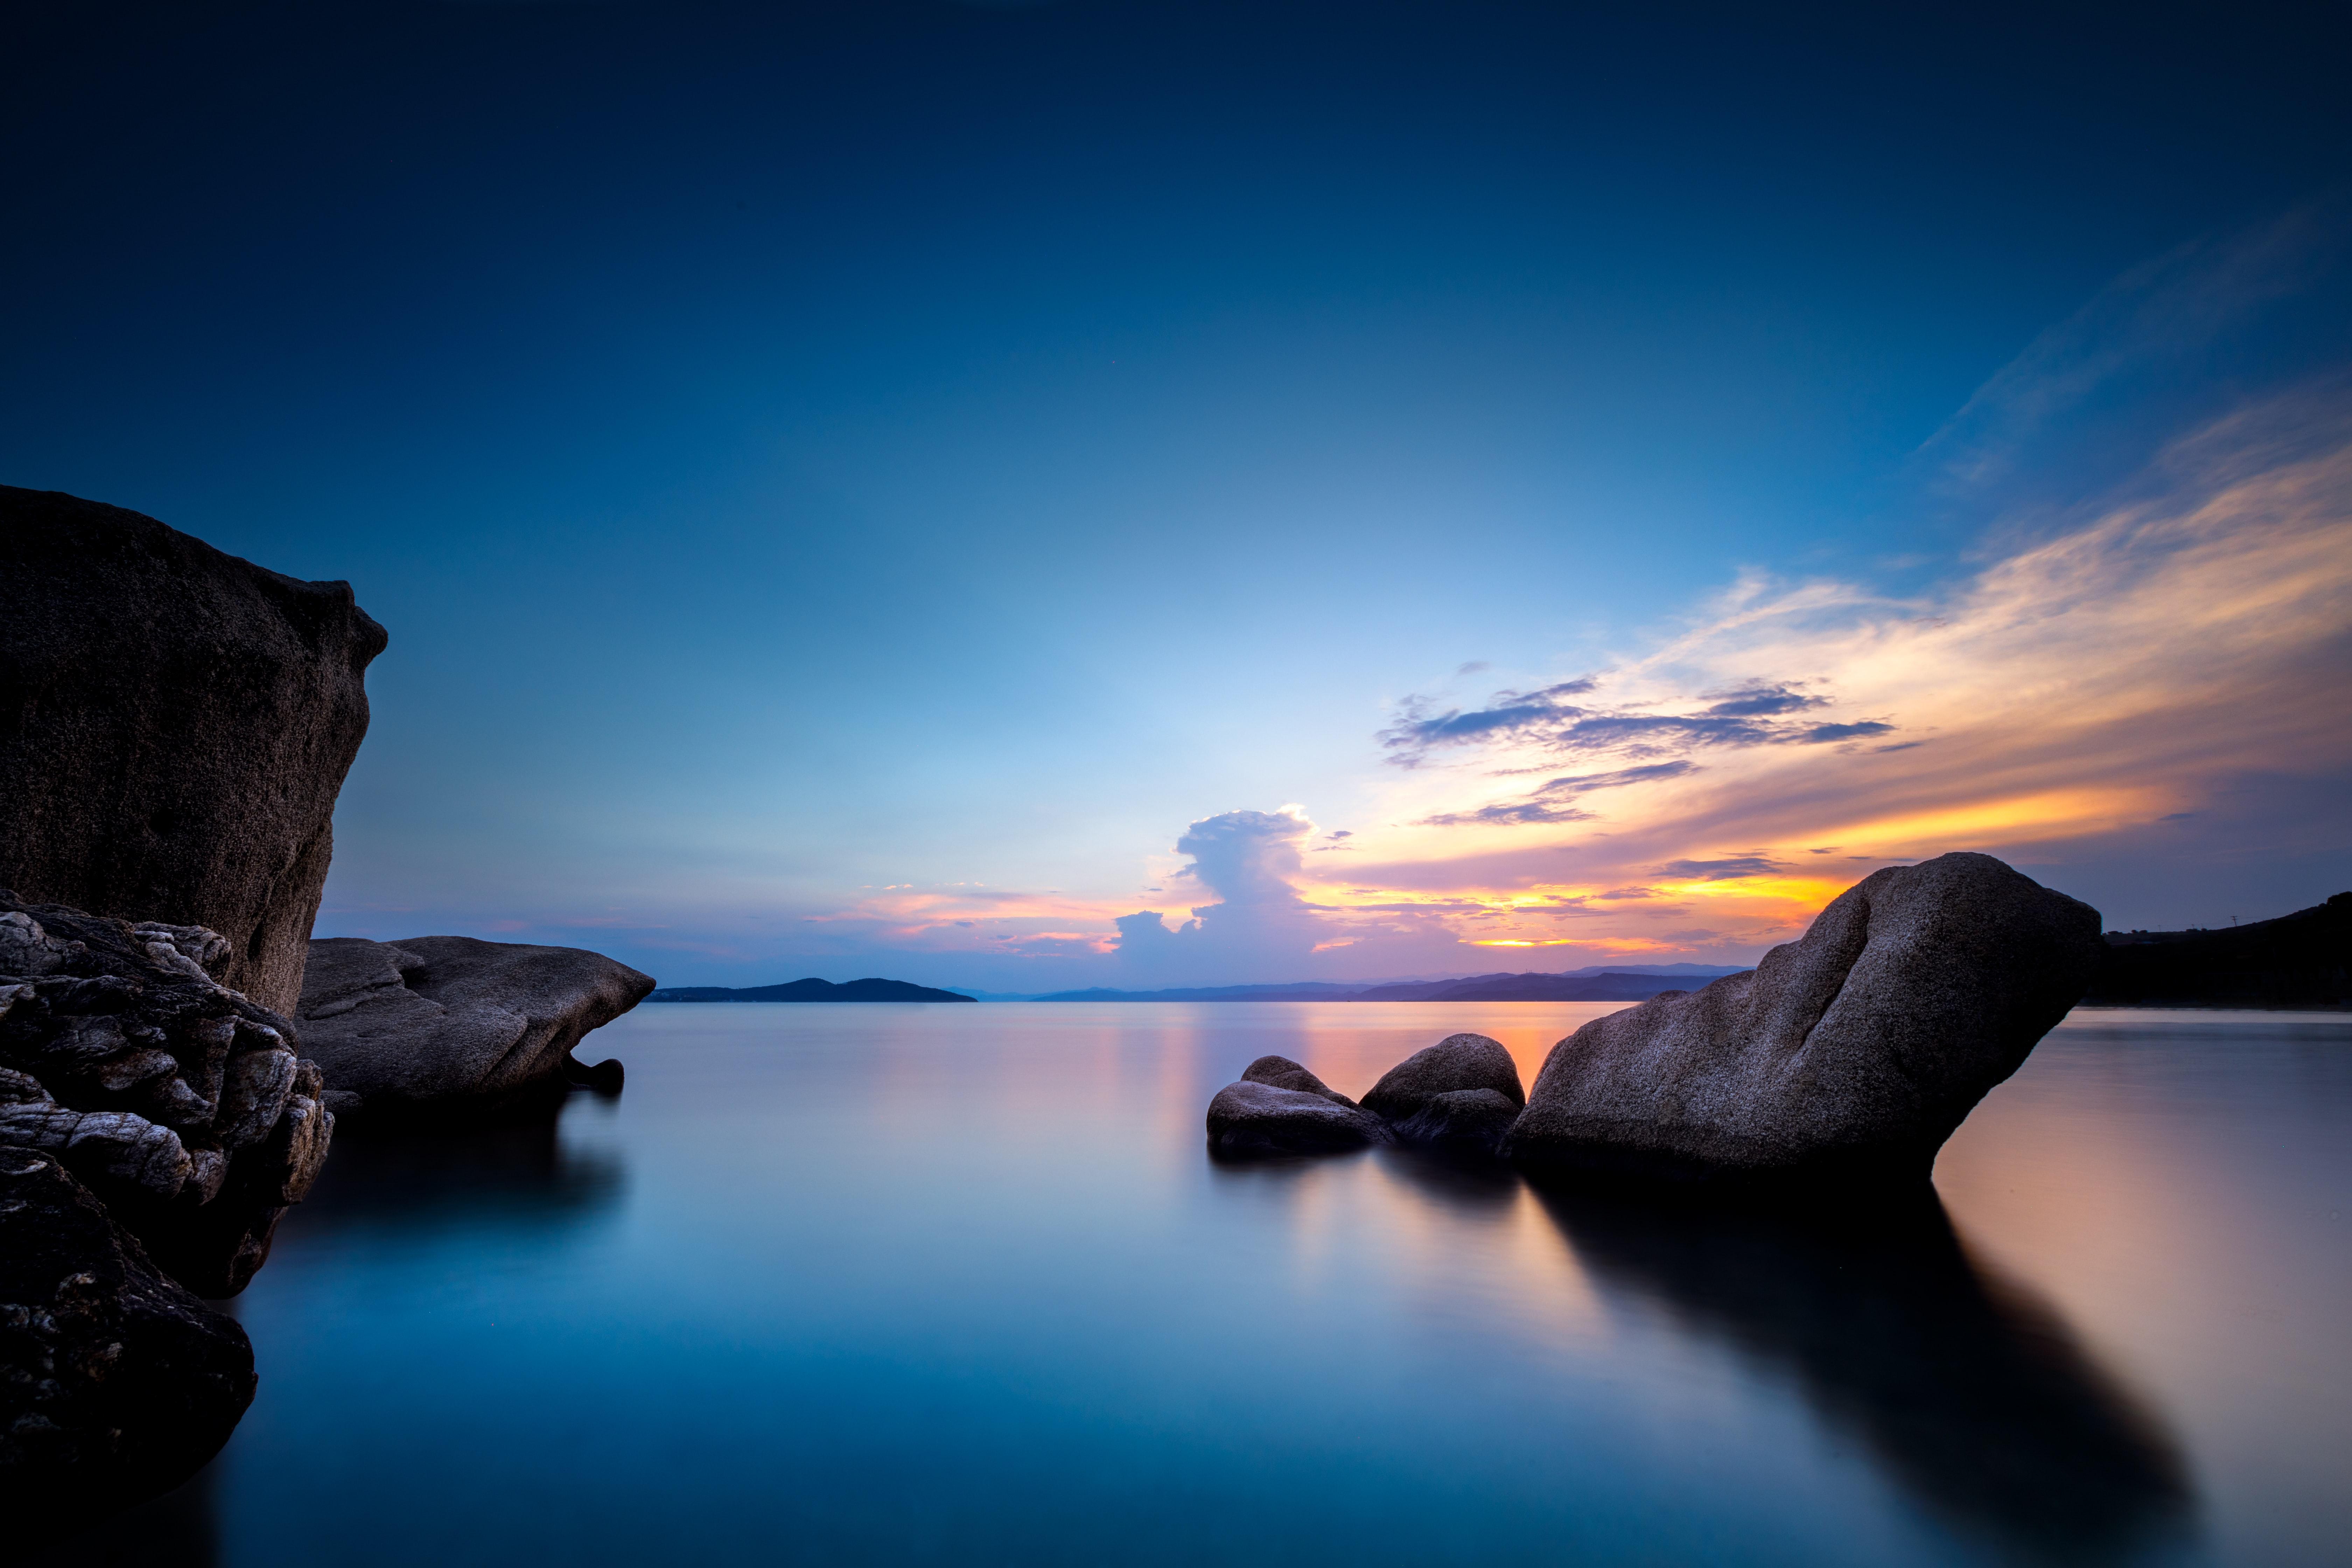 Fondos de pantalla Rocas en medio del mar